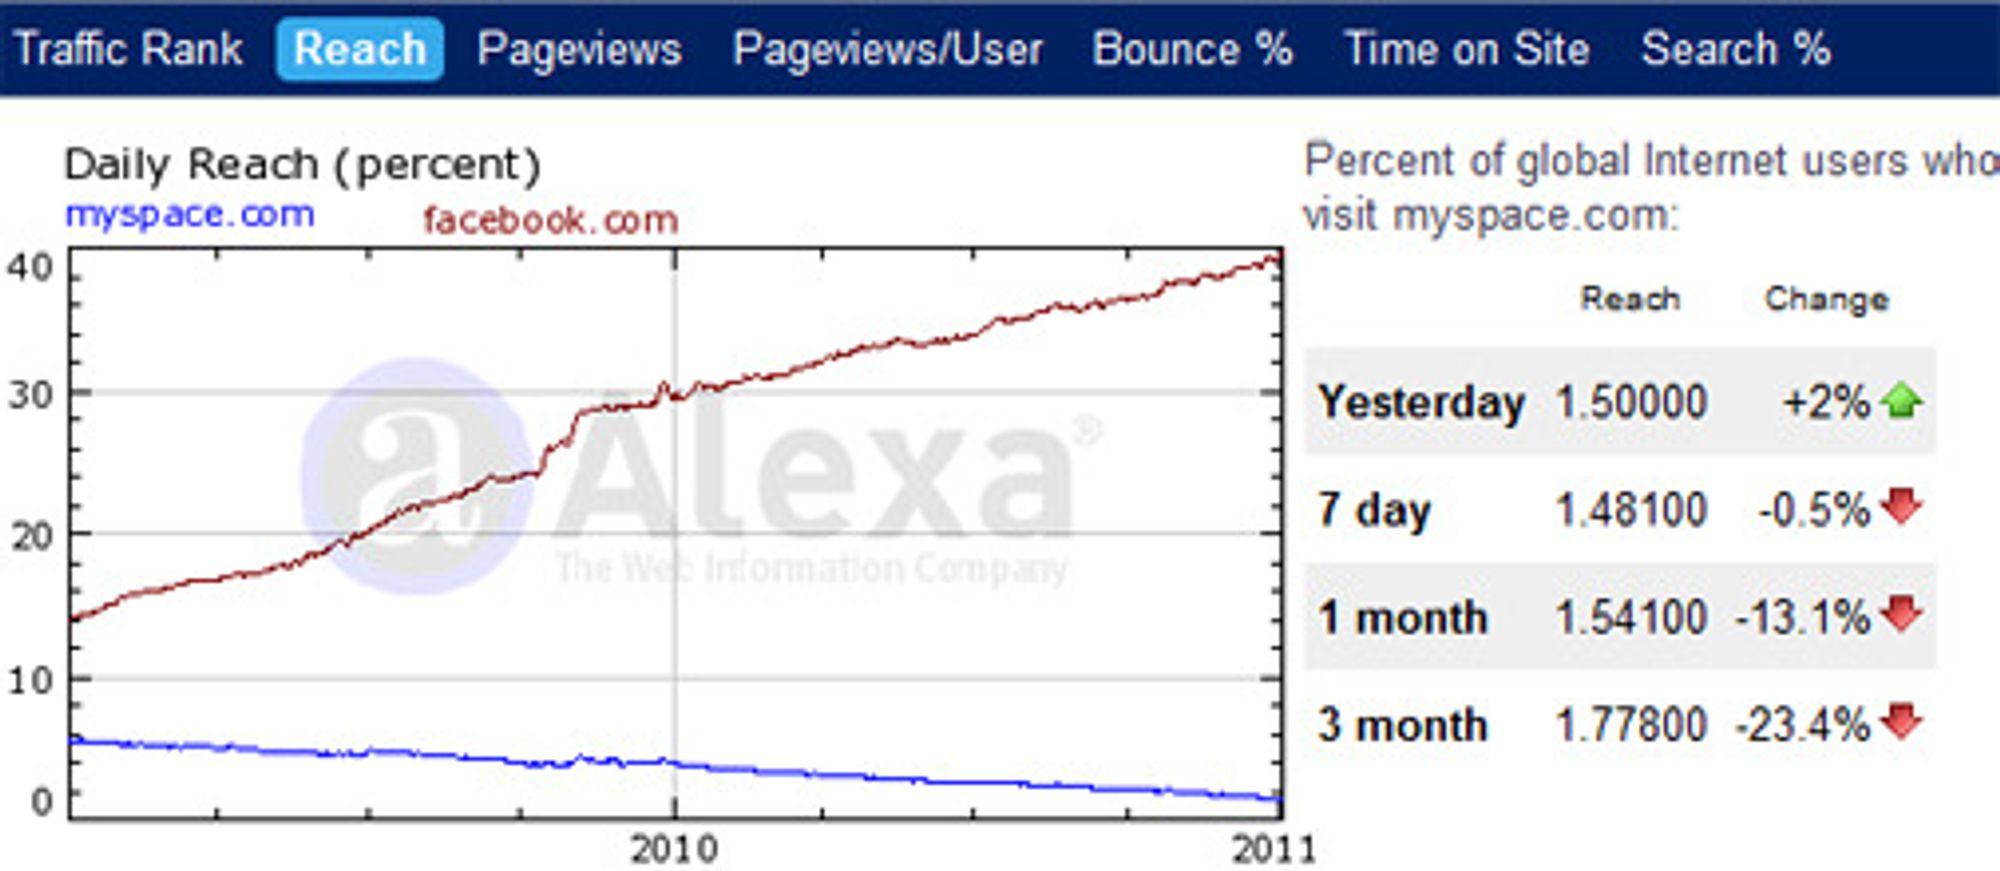 Mens Facebook vokser kraftig er utviklingen til Myspace i kraftig fall.